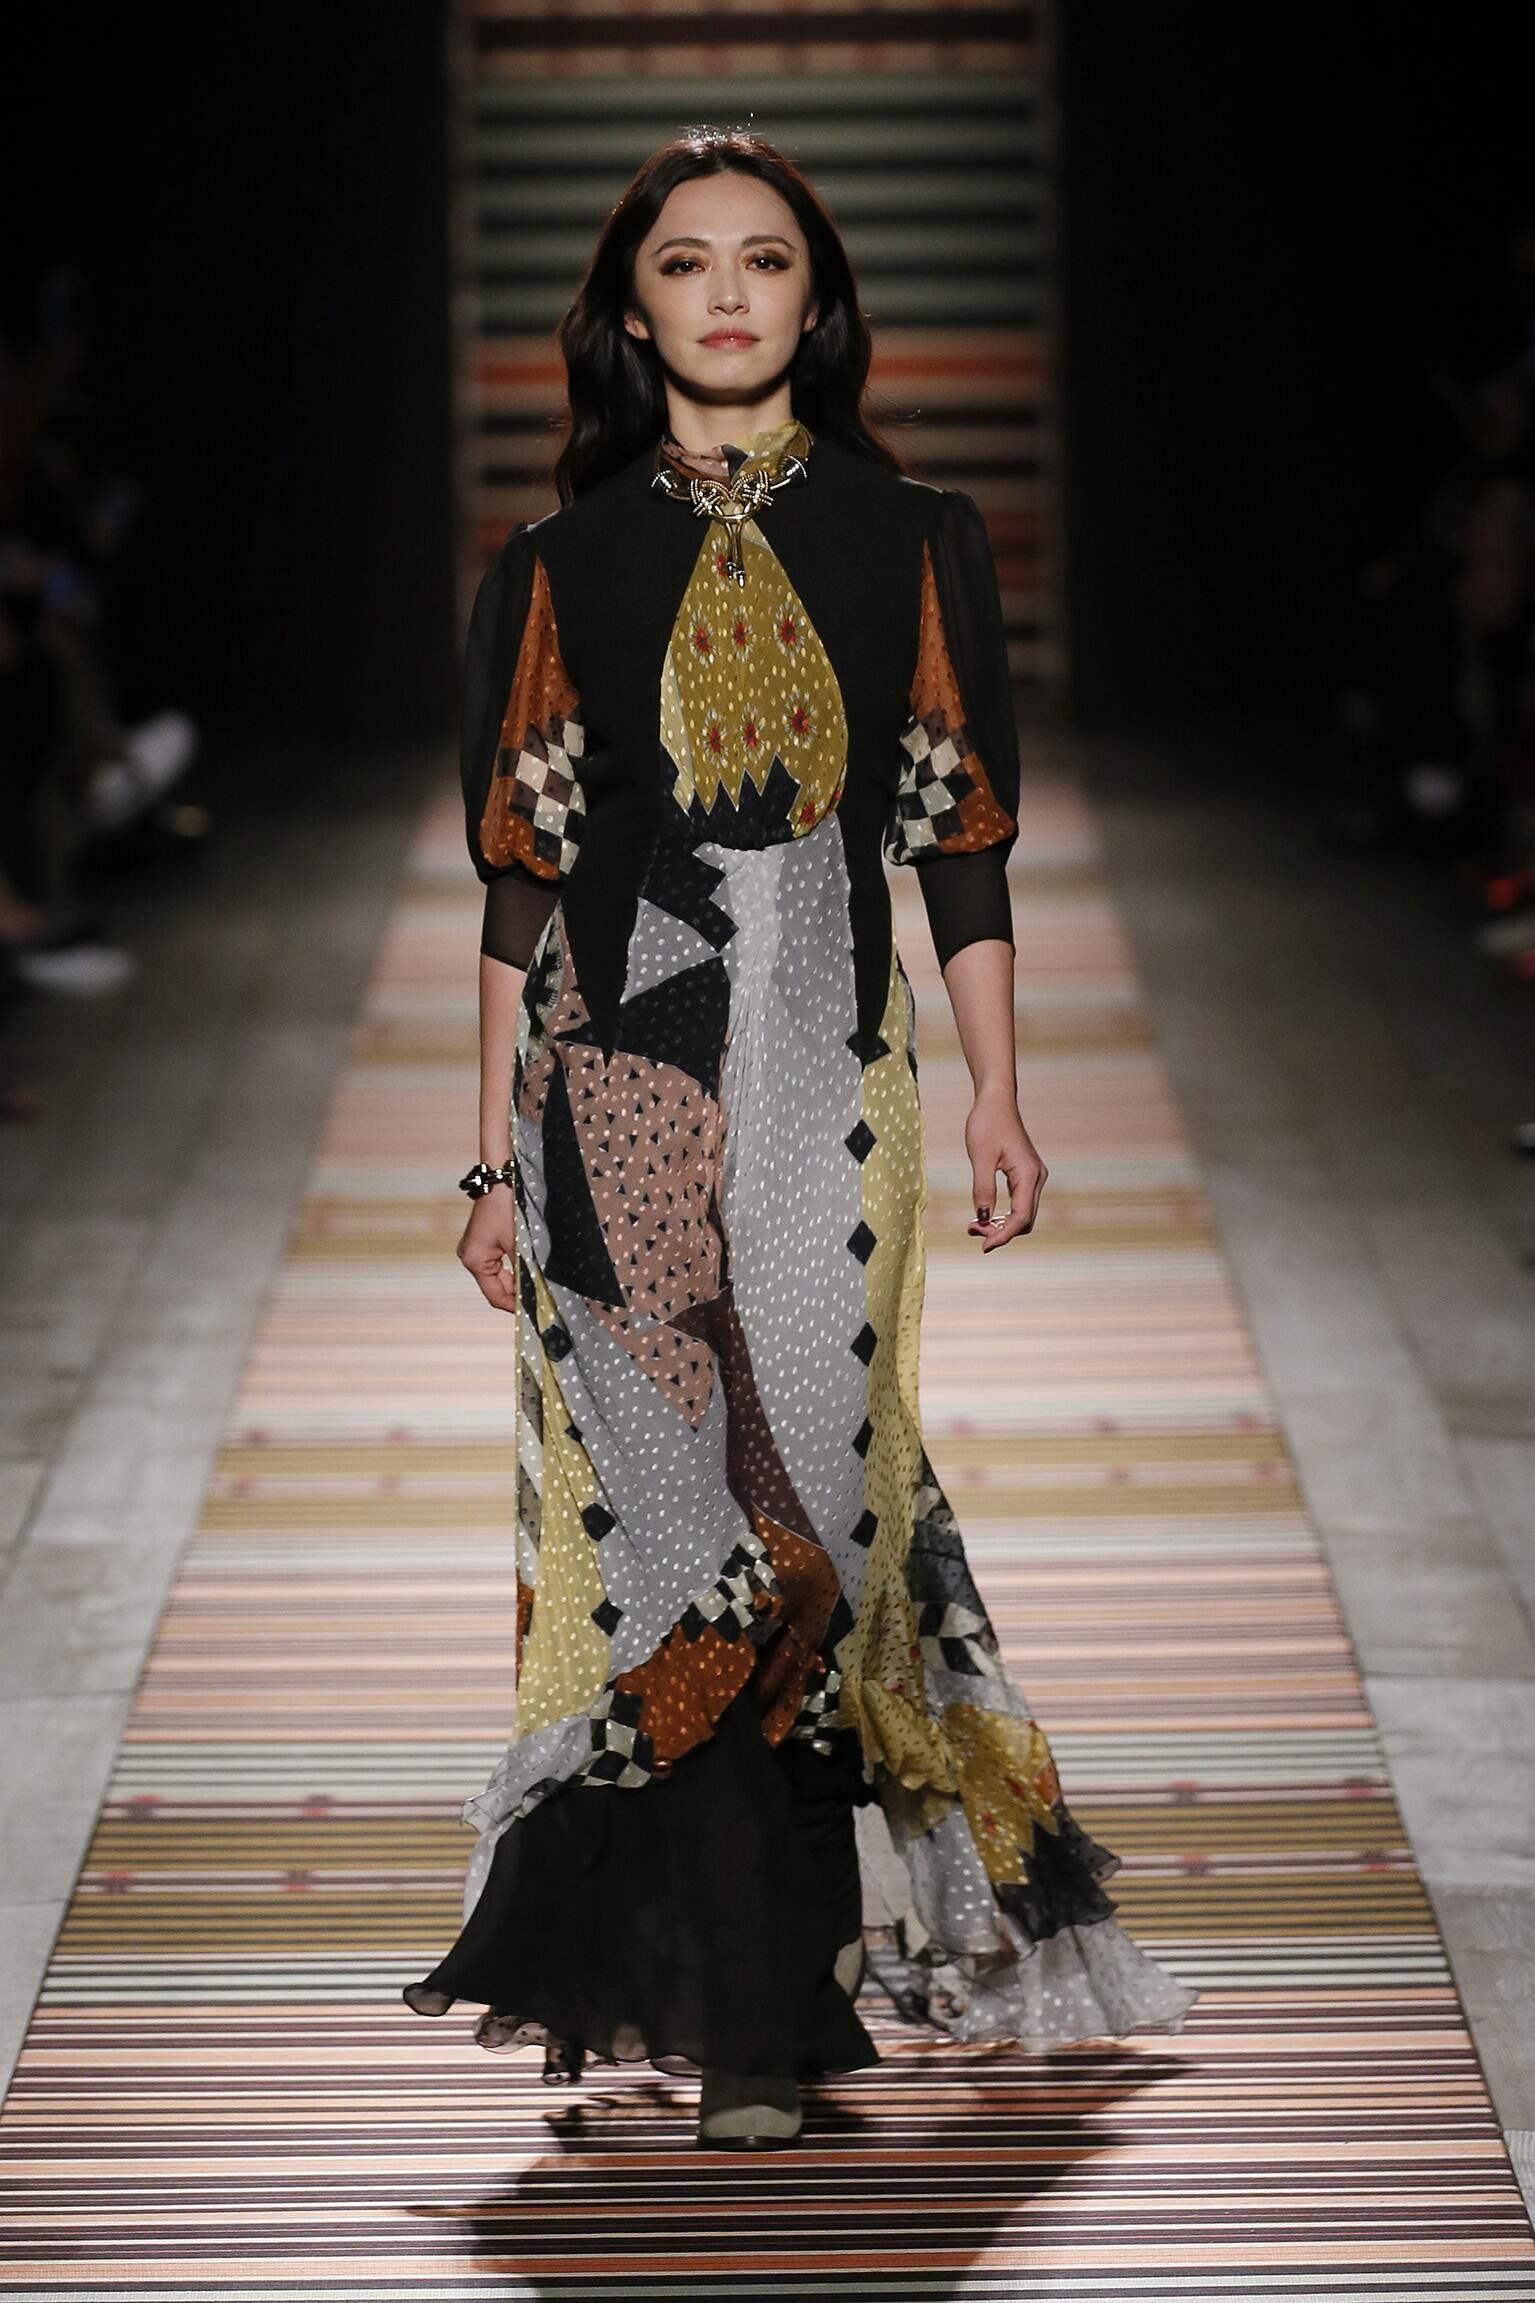 Woman FW 2018-19 Etro Fashion Show Milan